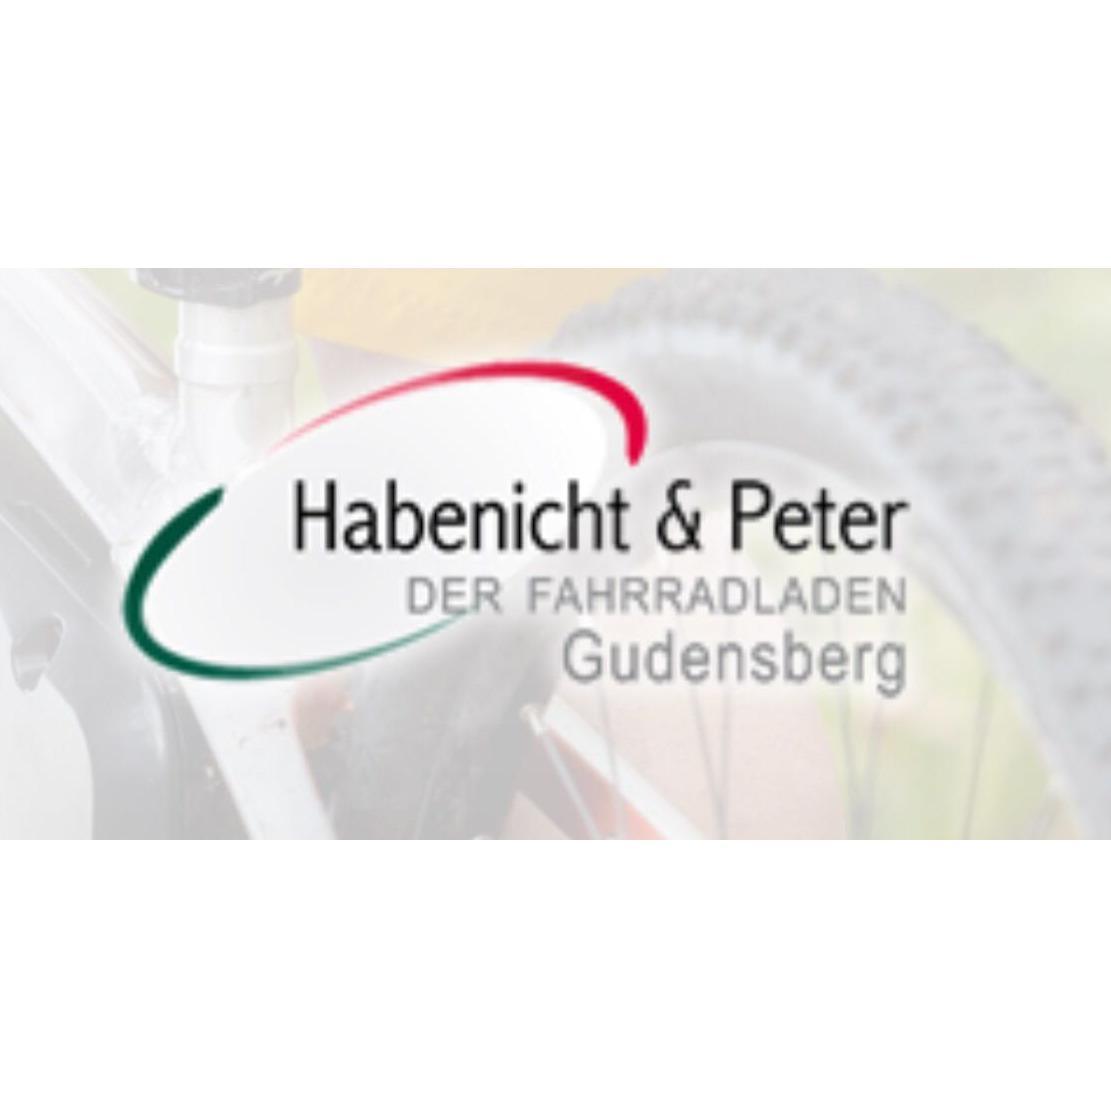 Logo von Der Fahrradladen Habenicht & Peter